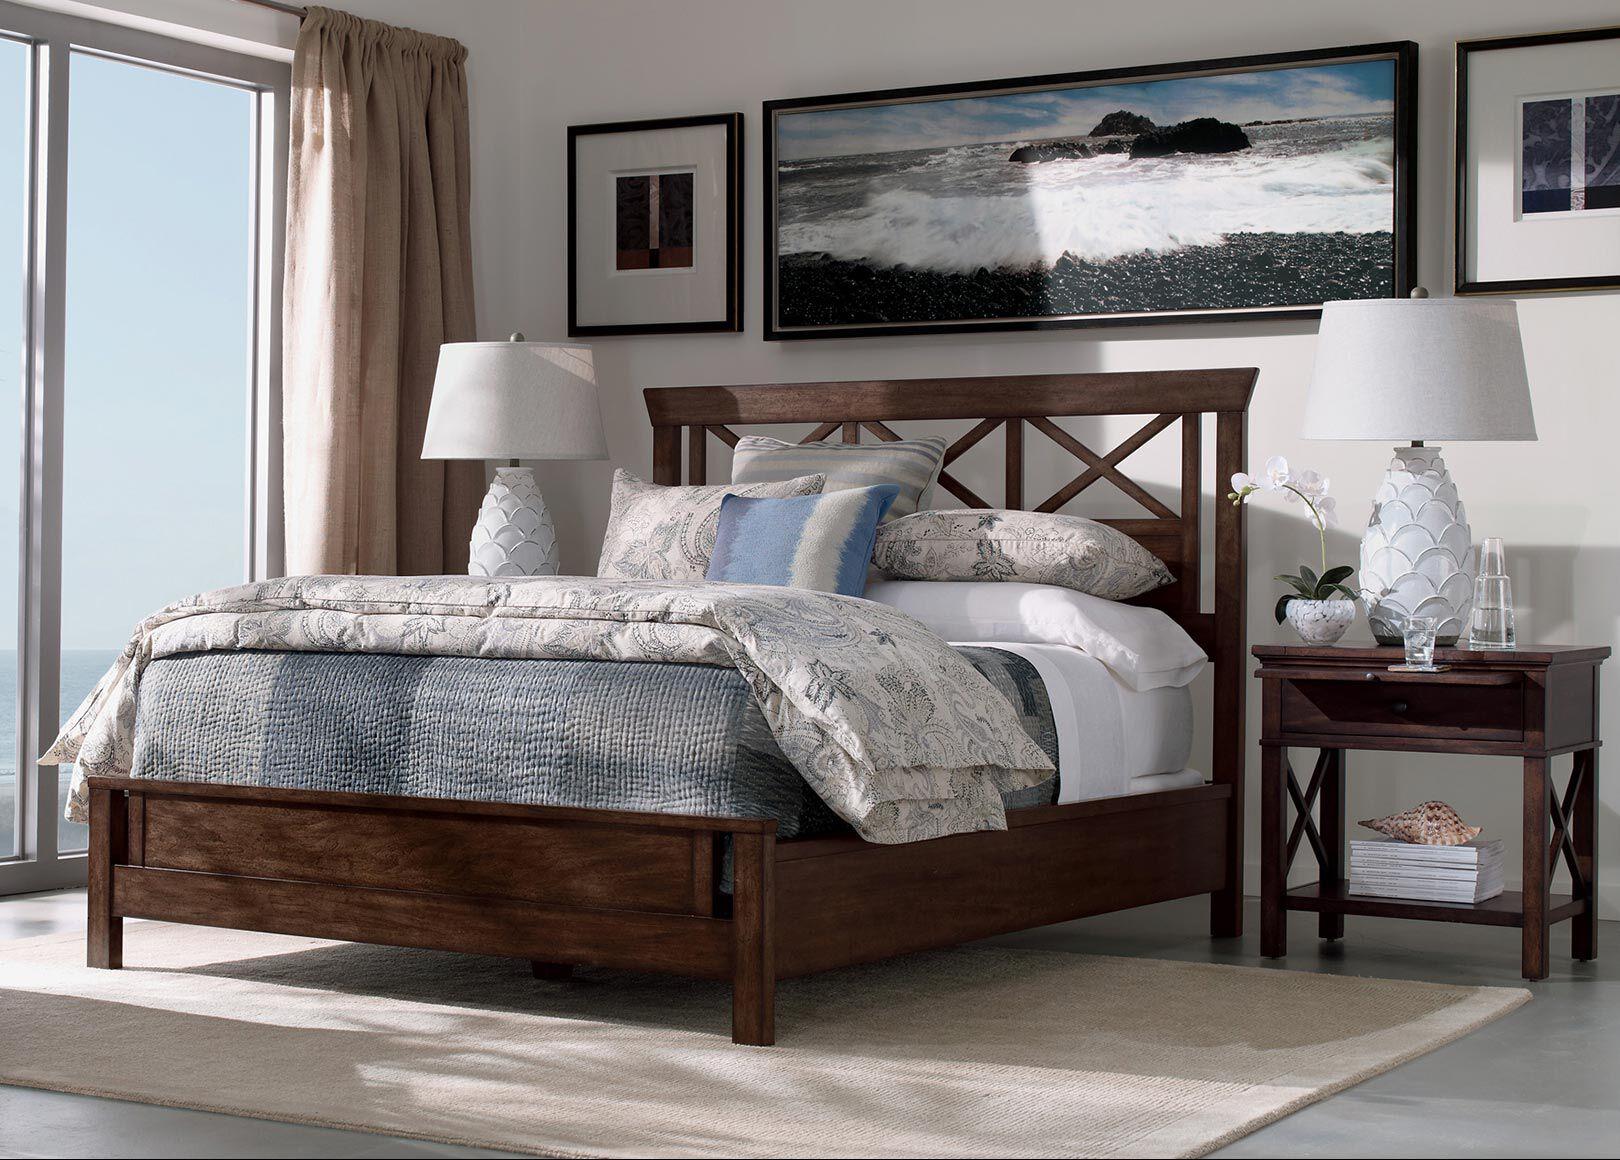 Superb Dexter Bed , , Alt. Ethan Allen ...